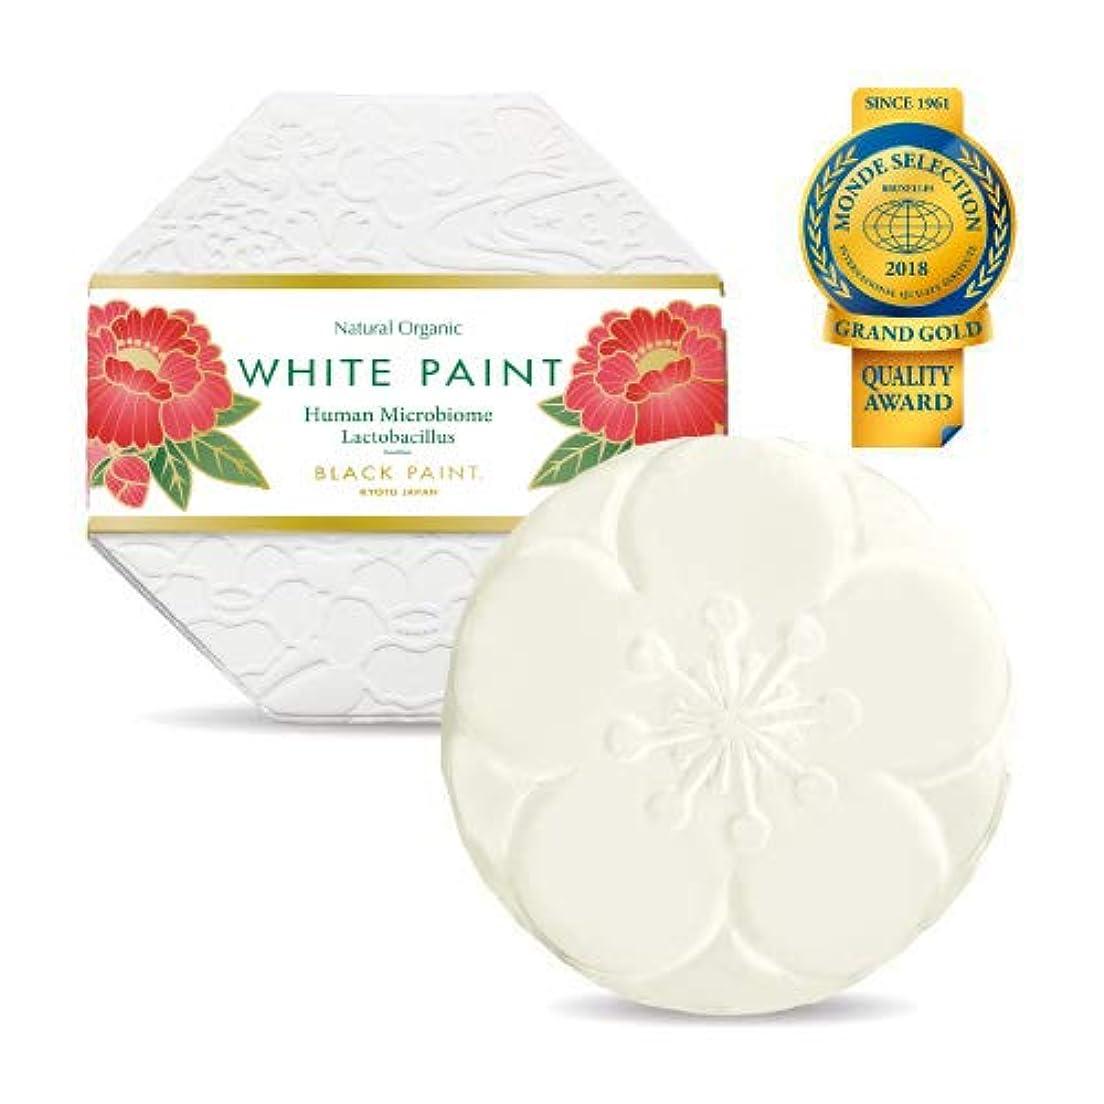 ゴシップメイン哲学者プレミアム ホワイトペイント 120g 塗る洗顔 石鹸 無添加 国産 …